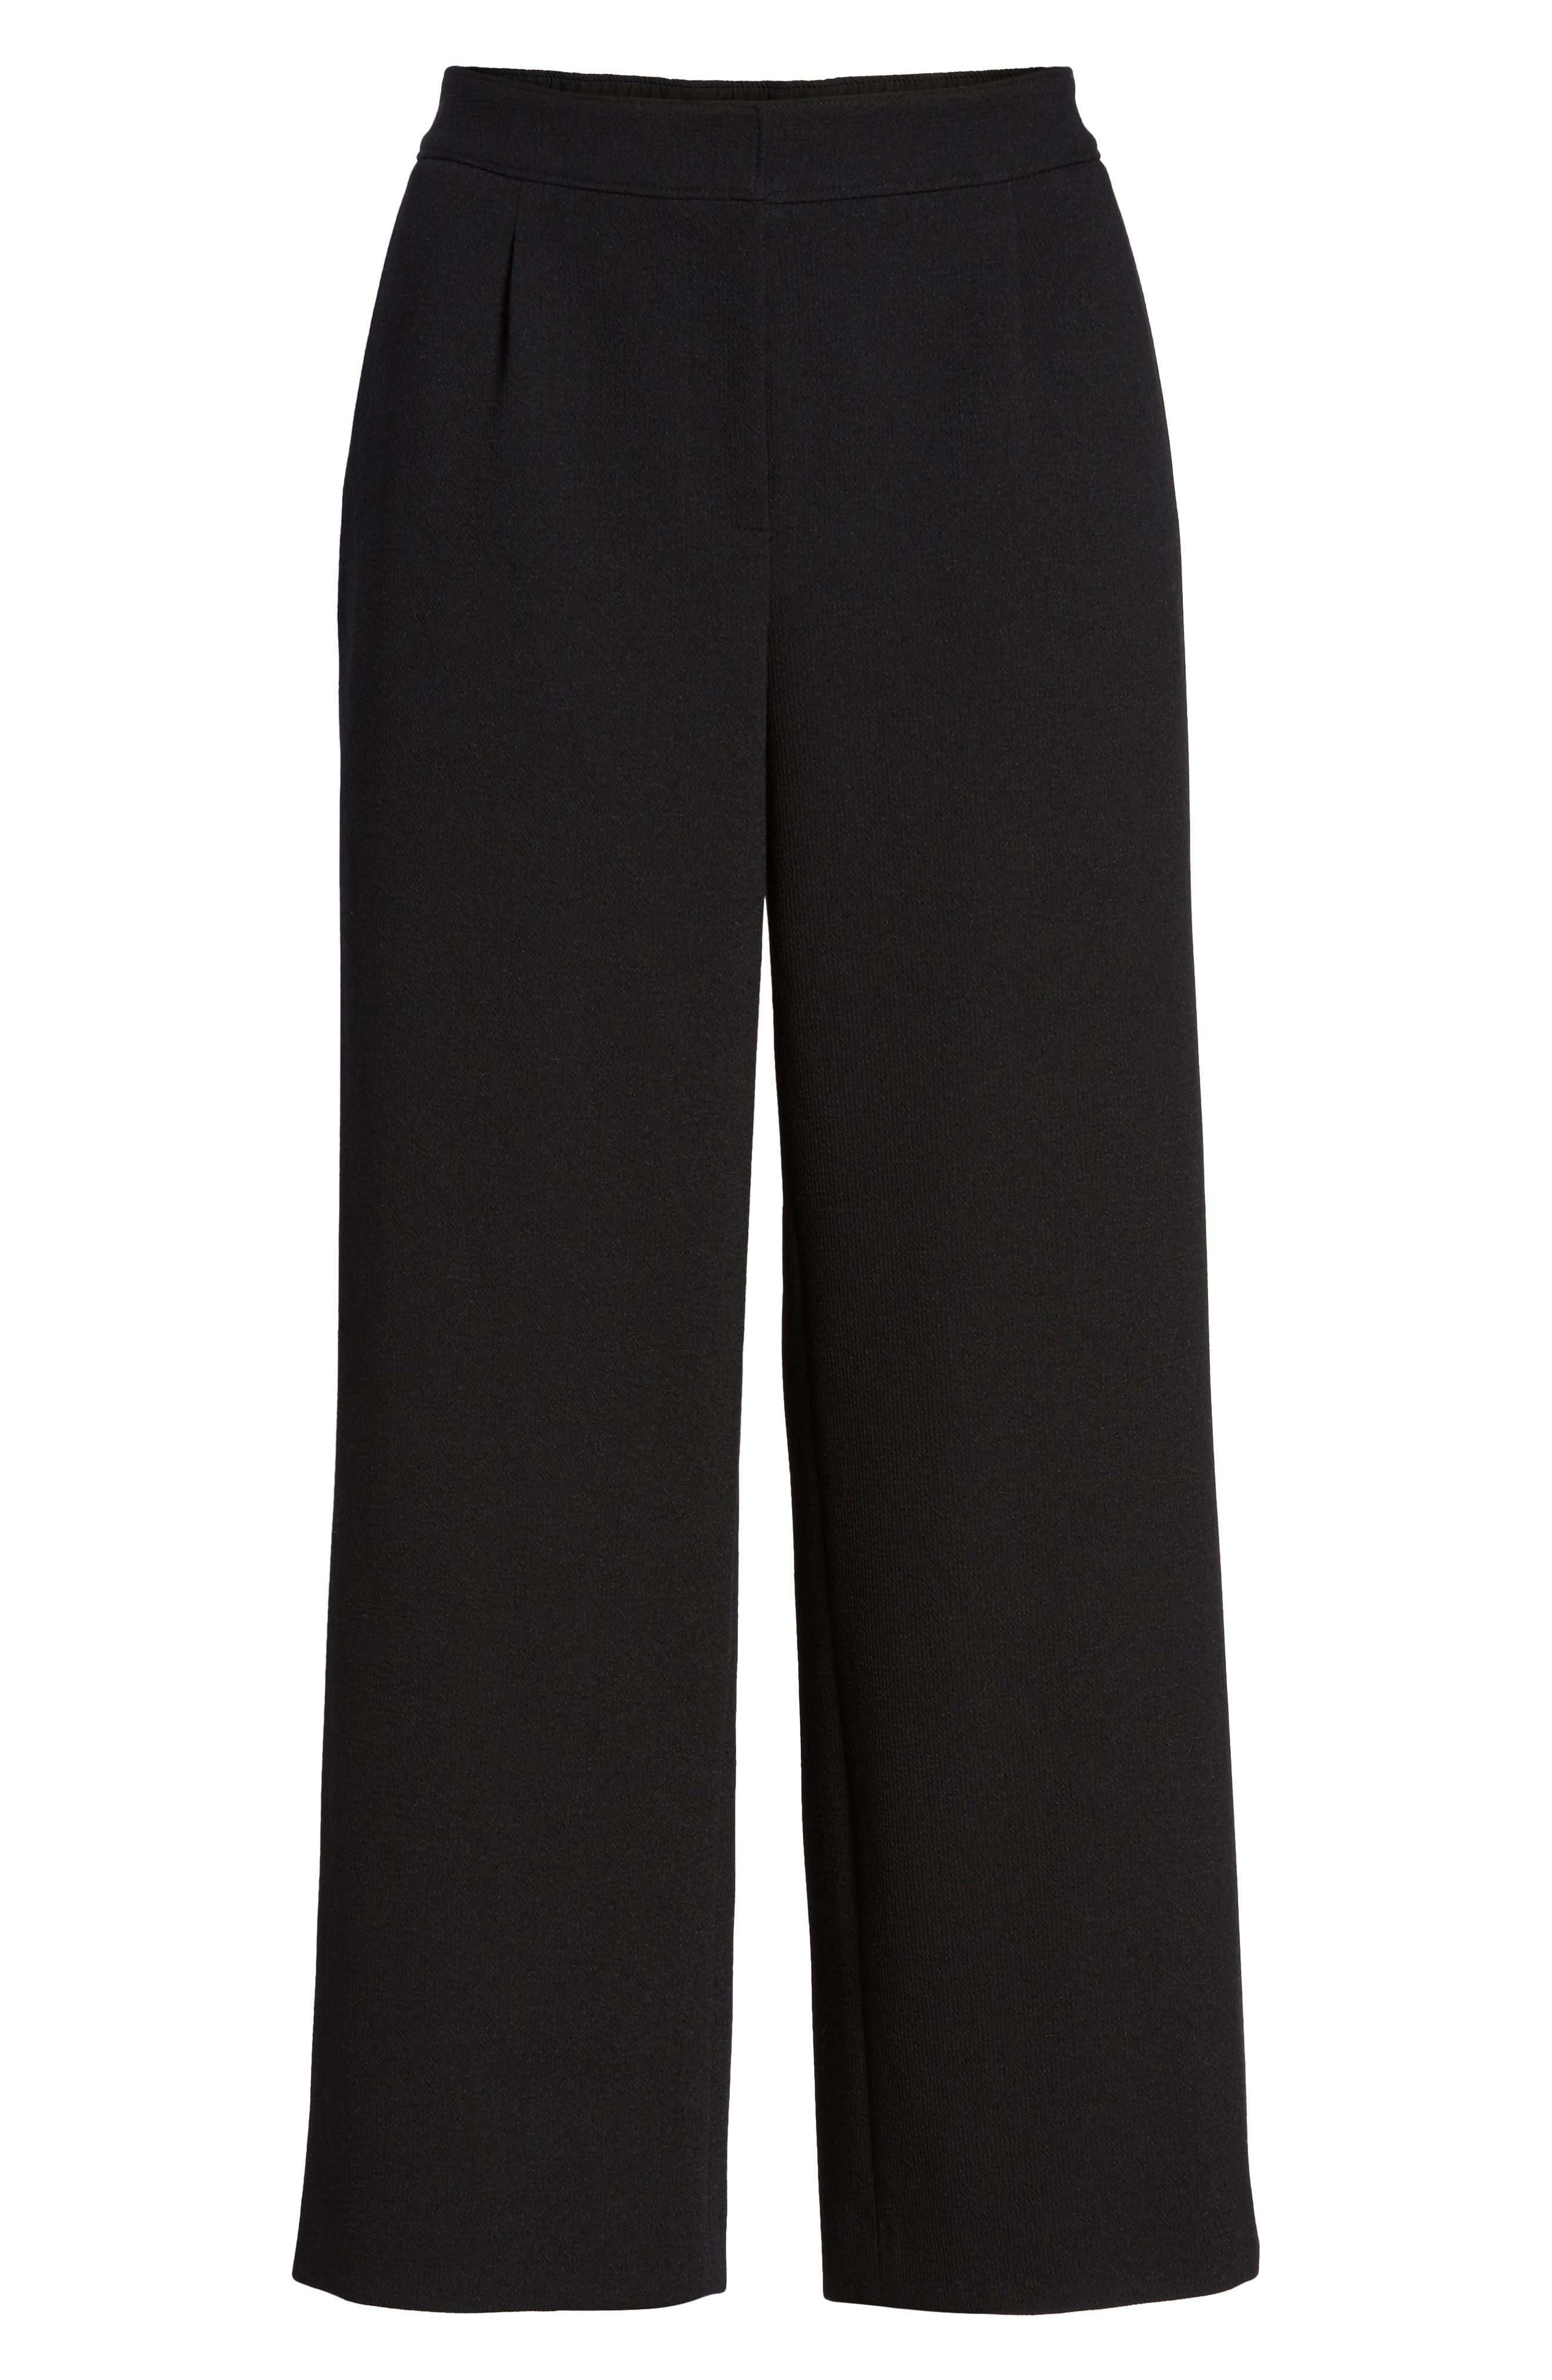 Crop Pants,                             Alternate thumbnail 6, color,                             001